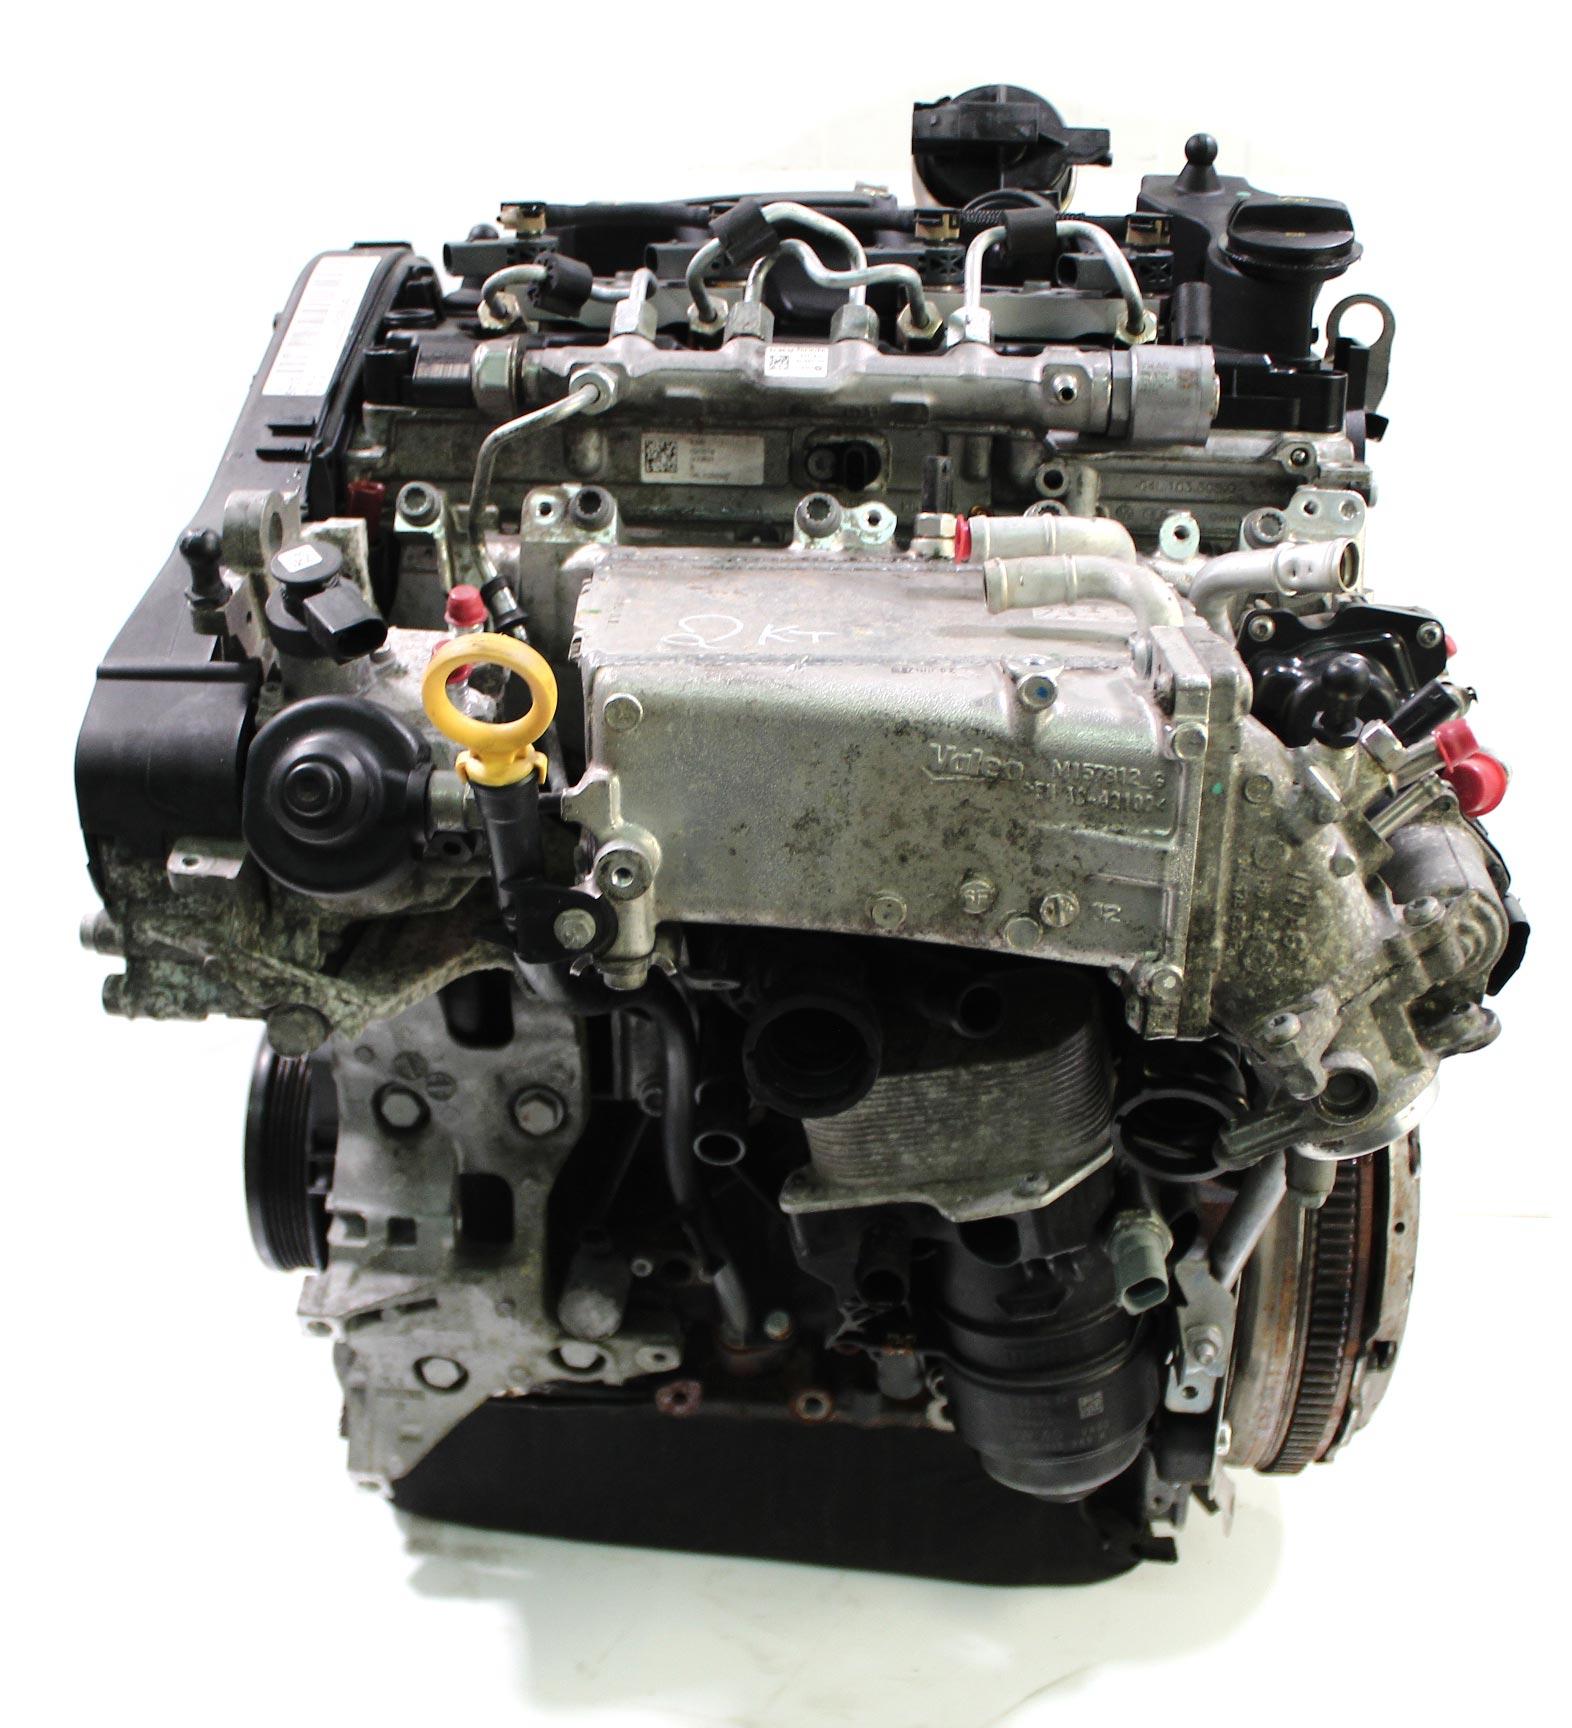 Motor 2016 Seat Skoda VW Ateca Leon Karoq Octavia T-Roc 2,0 TDI Diesel DFF DFFA